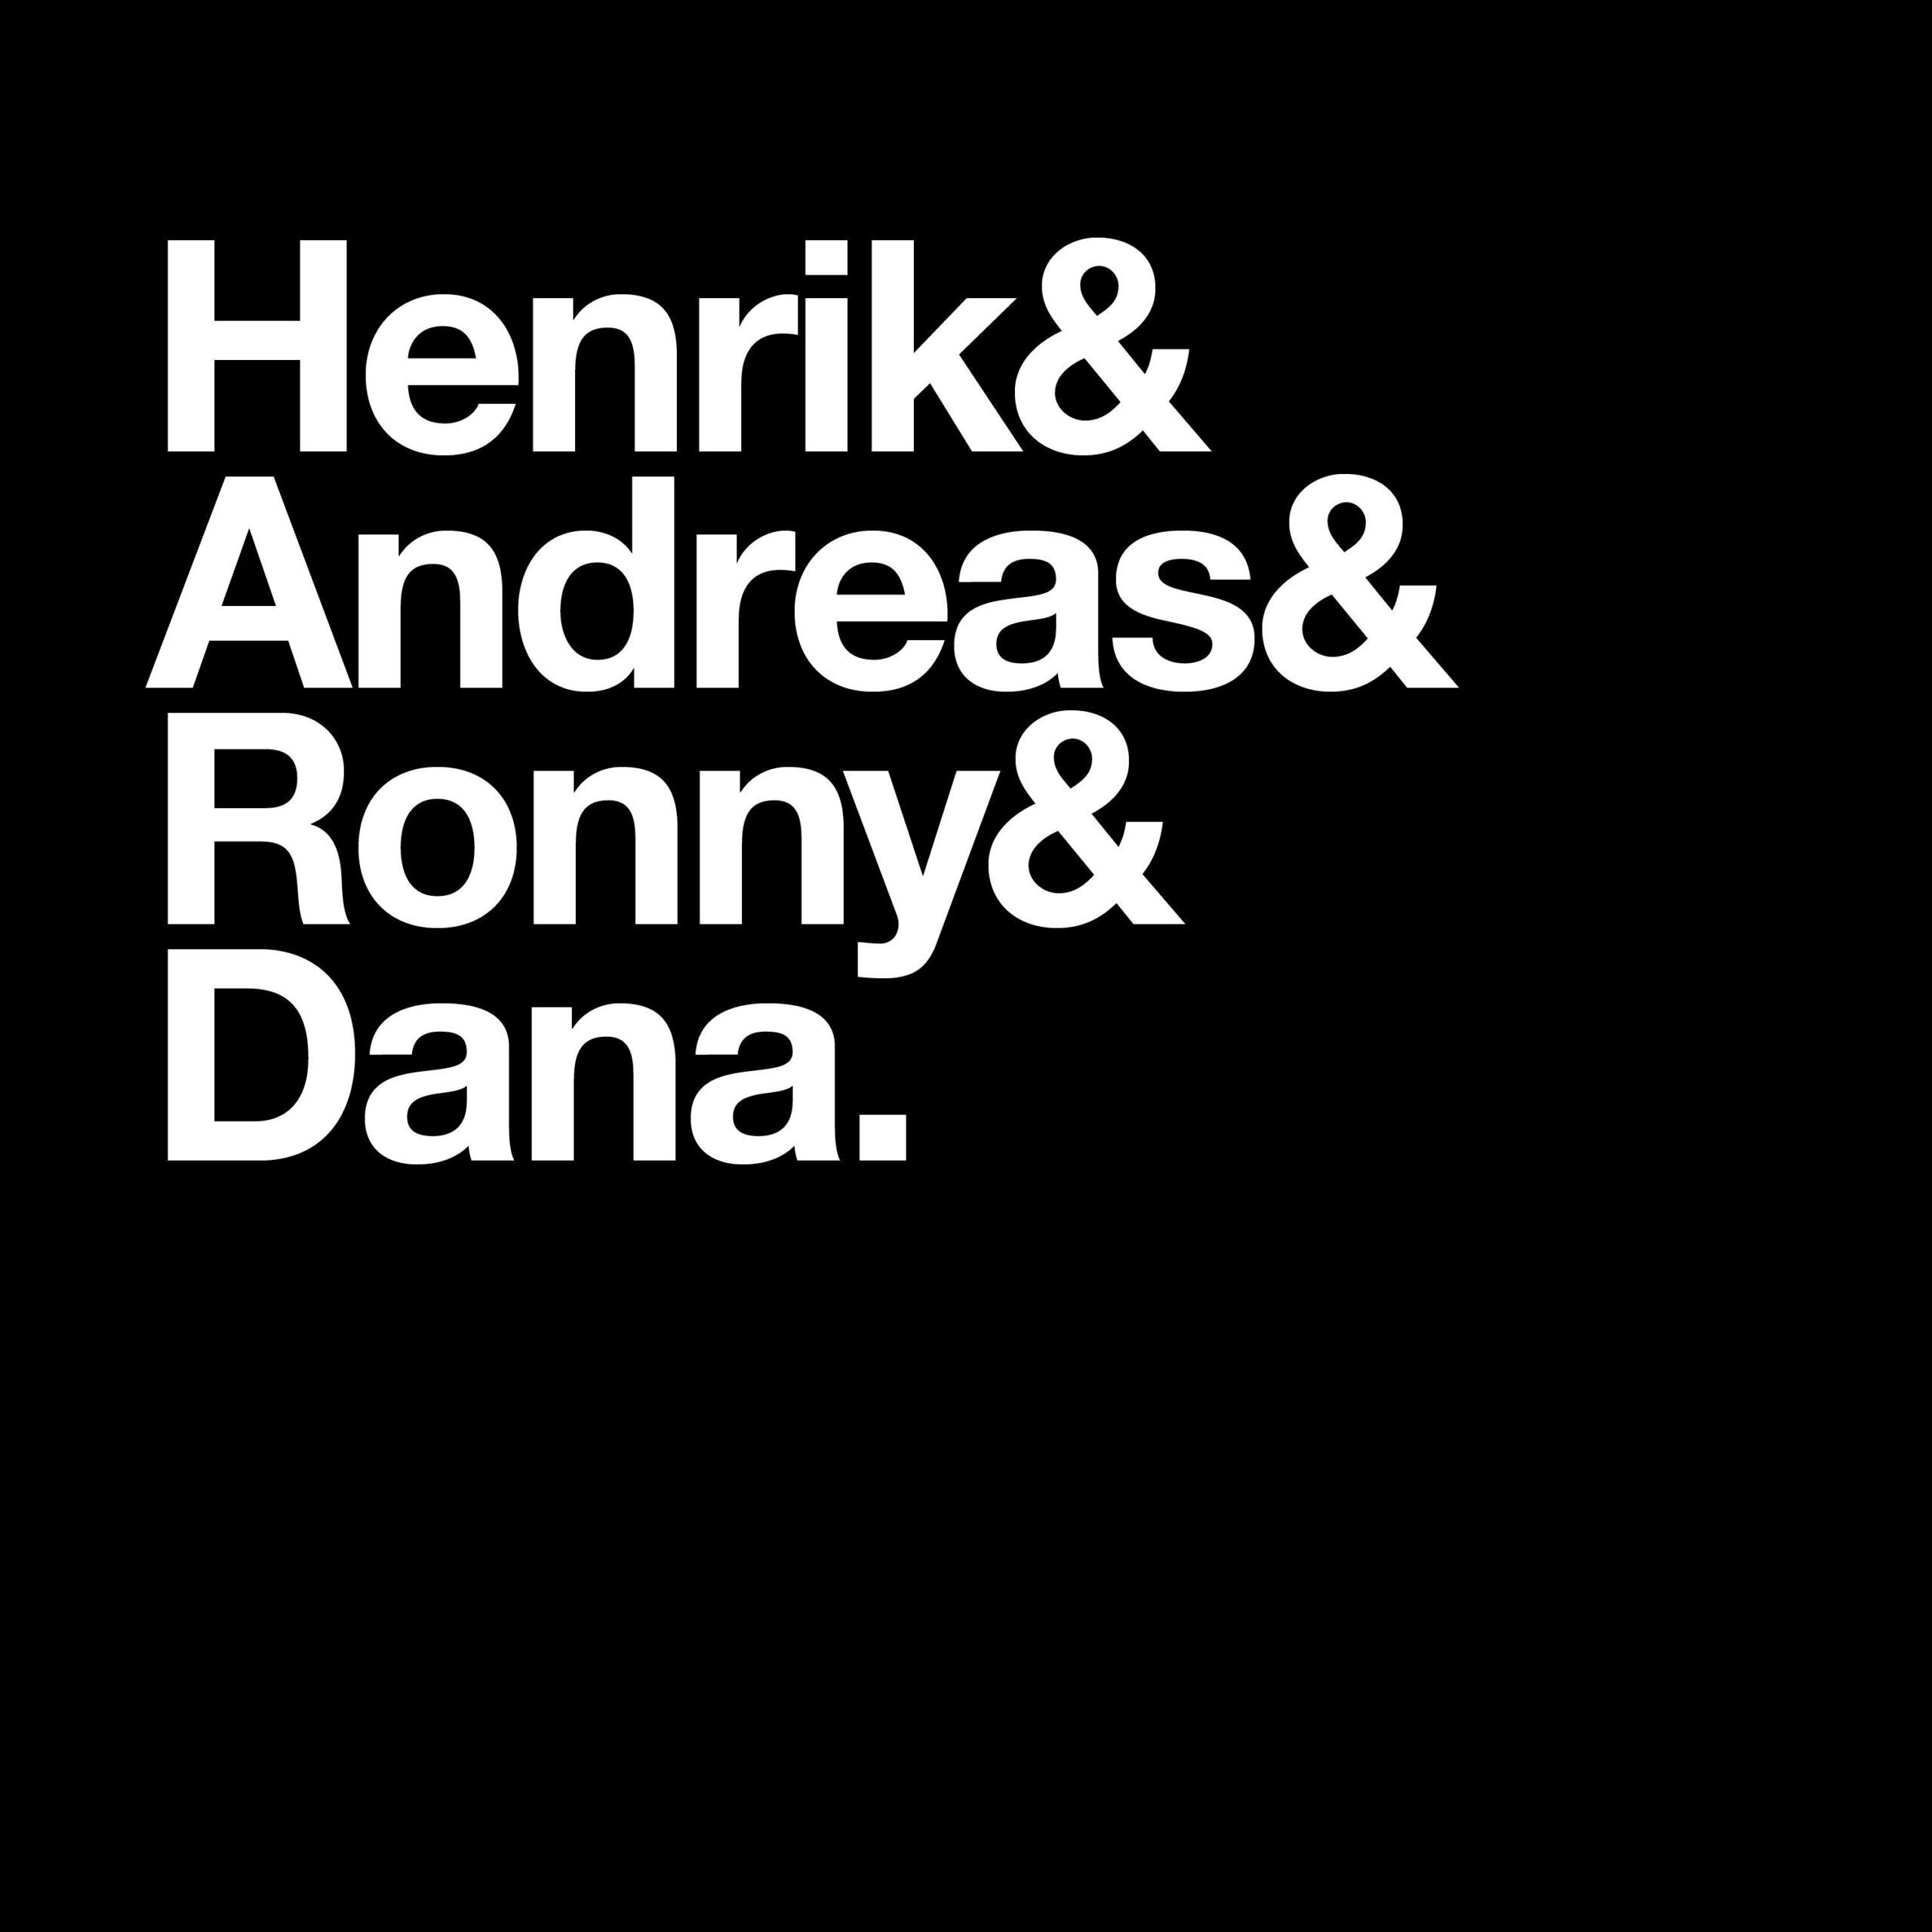 Henrik, Andreas, Ronny och Dana